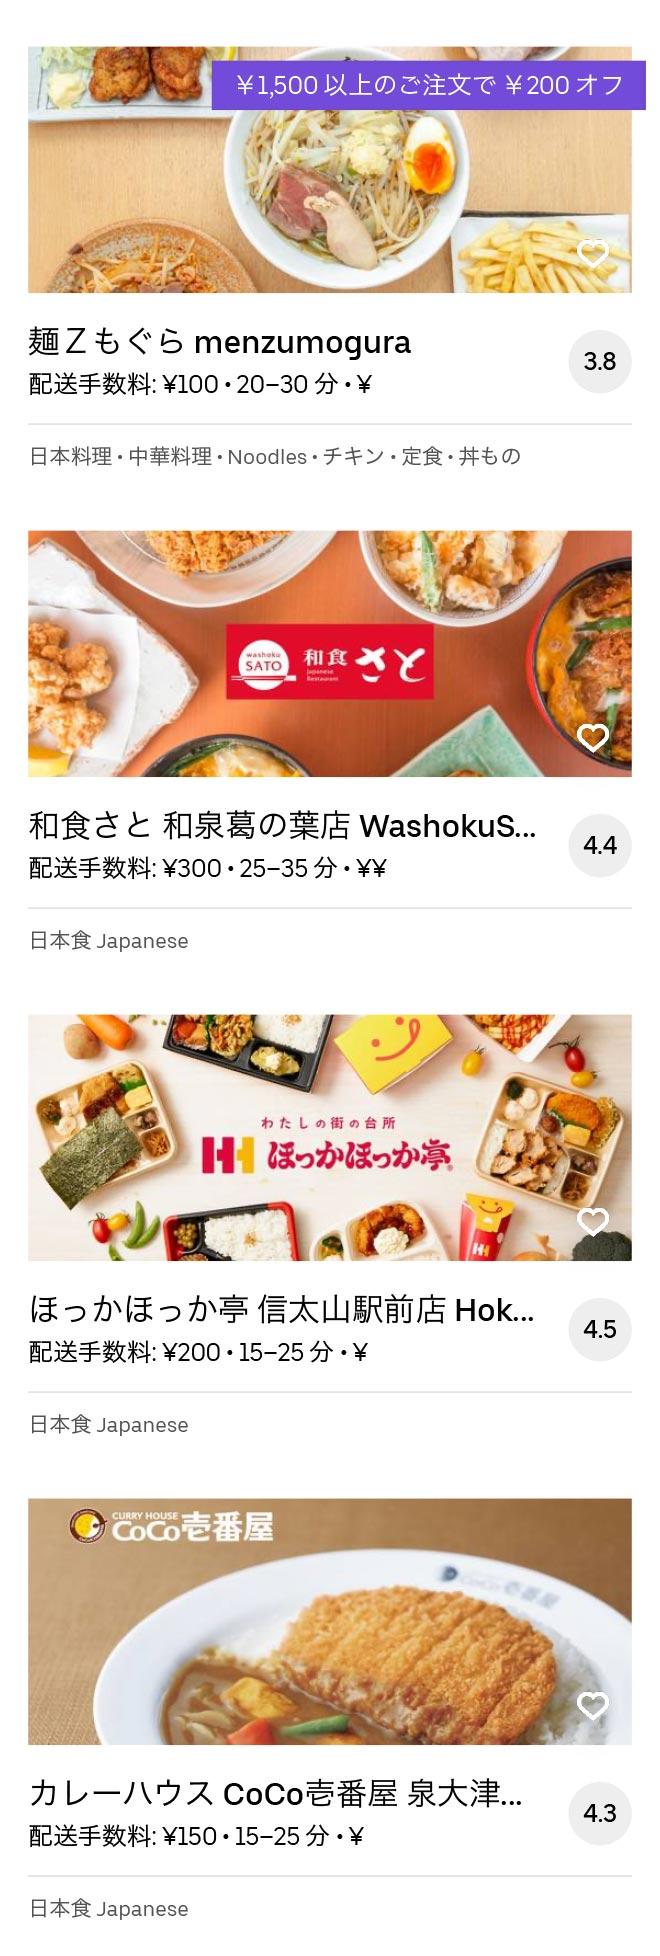 Izumi fuchu menu 2005 03